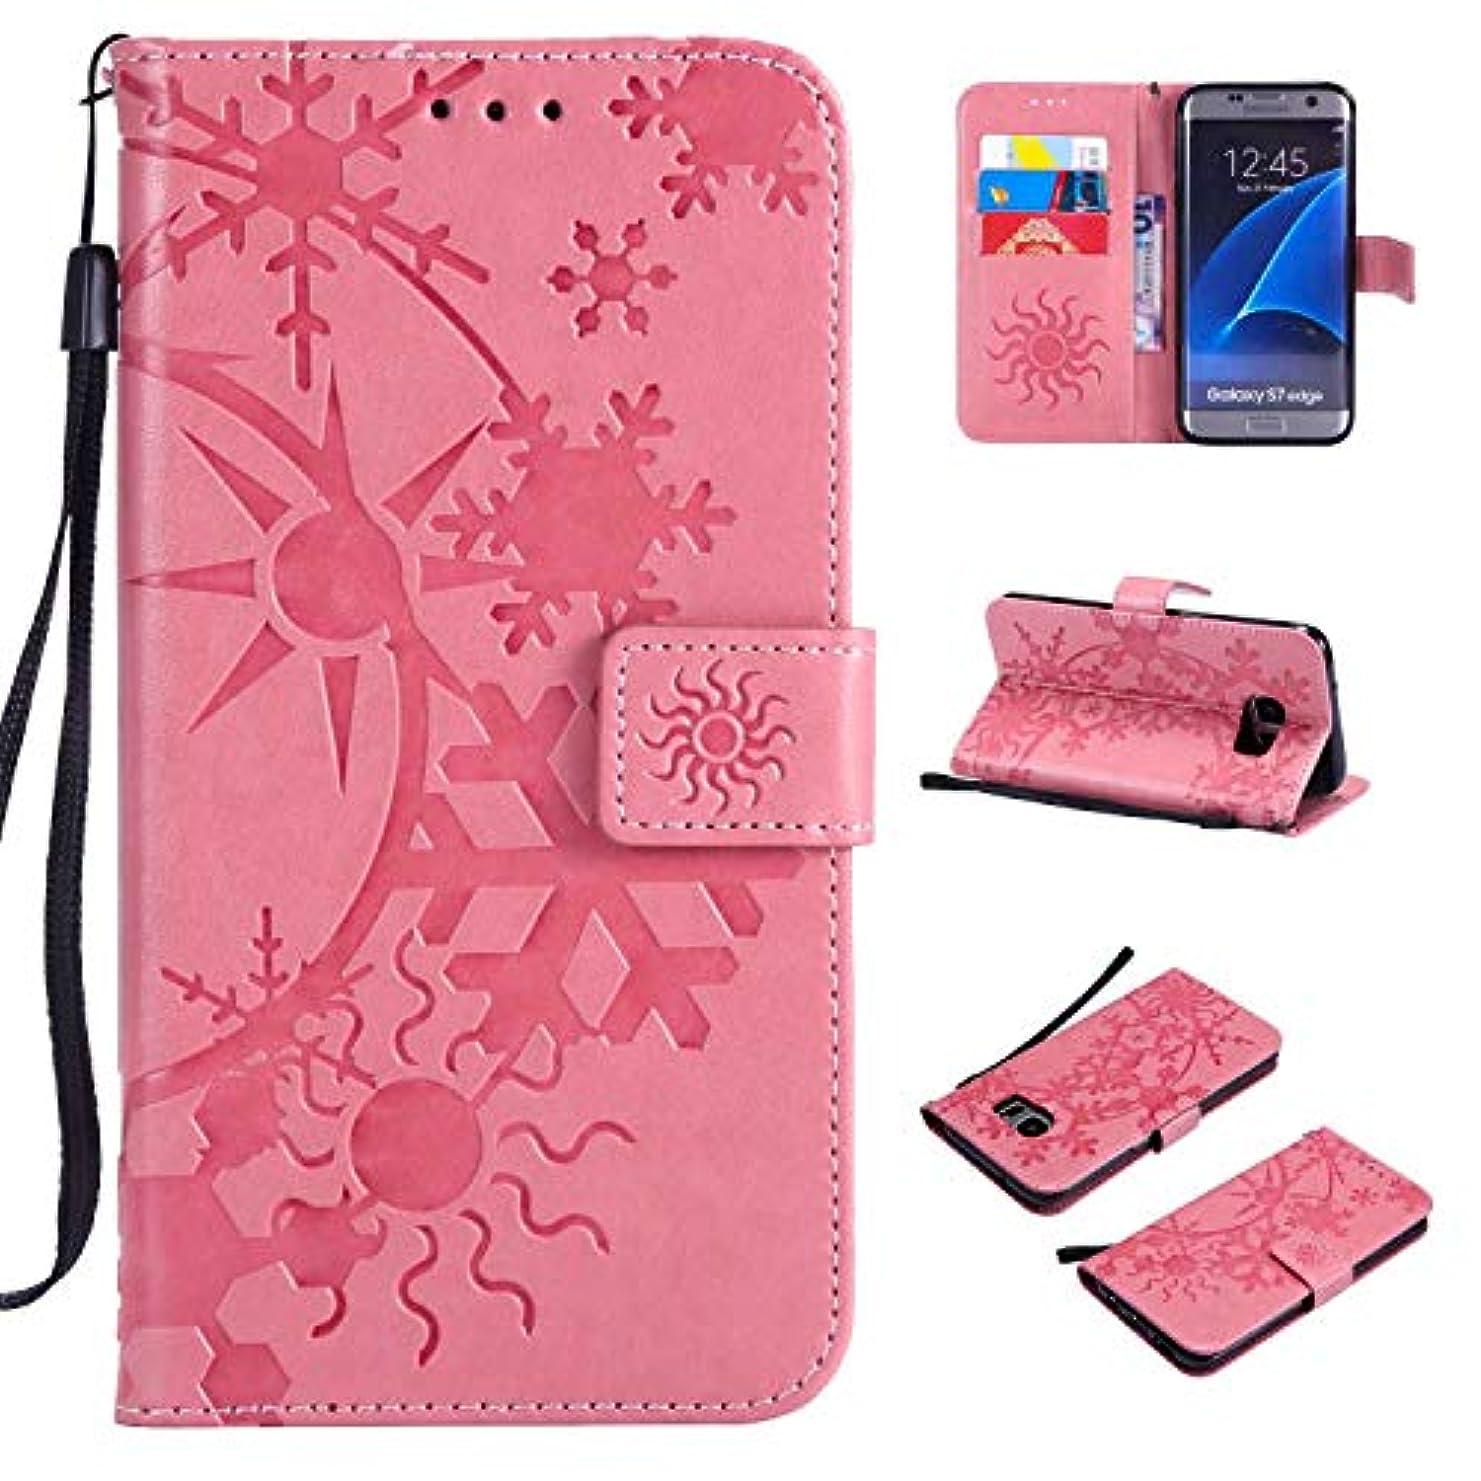 反動貞従者Galaxy S7 Edge ケース CUSKING 手帳型 ケース ストラップ付き かわいい 財布 カバー カードポケット付き Samsung ギャラクシー S7 Edge マジックアレイ ケース - ピンク